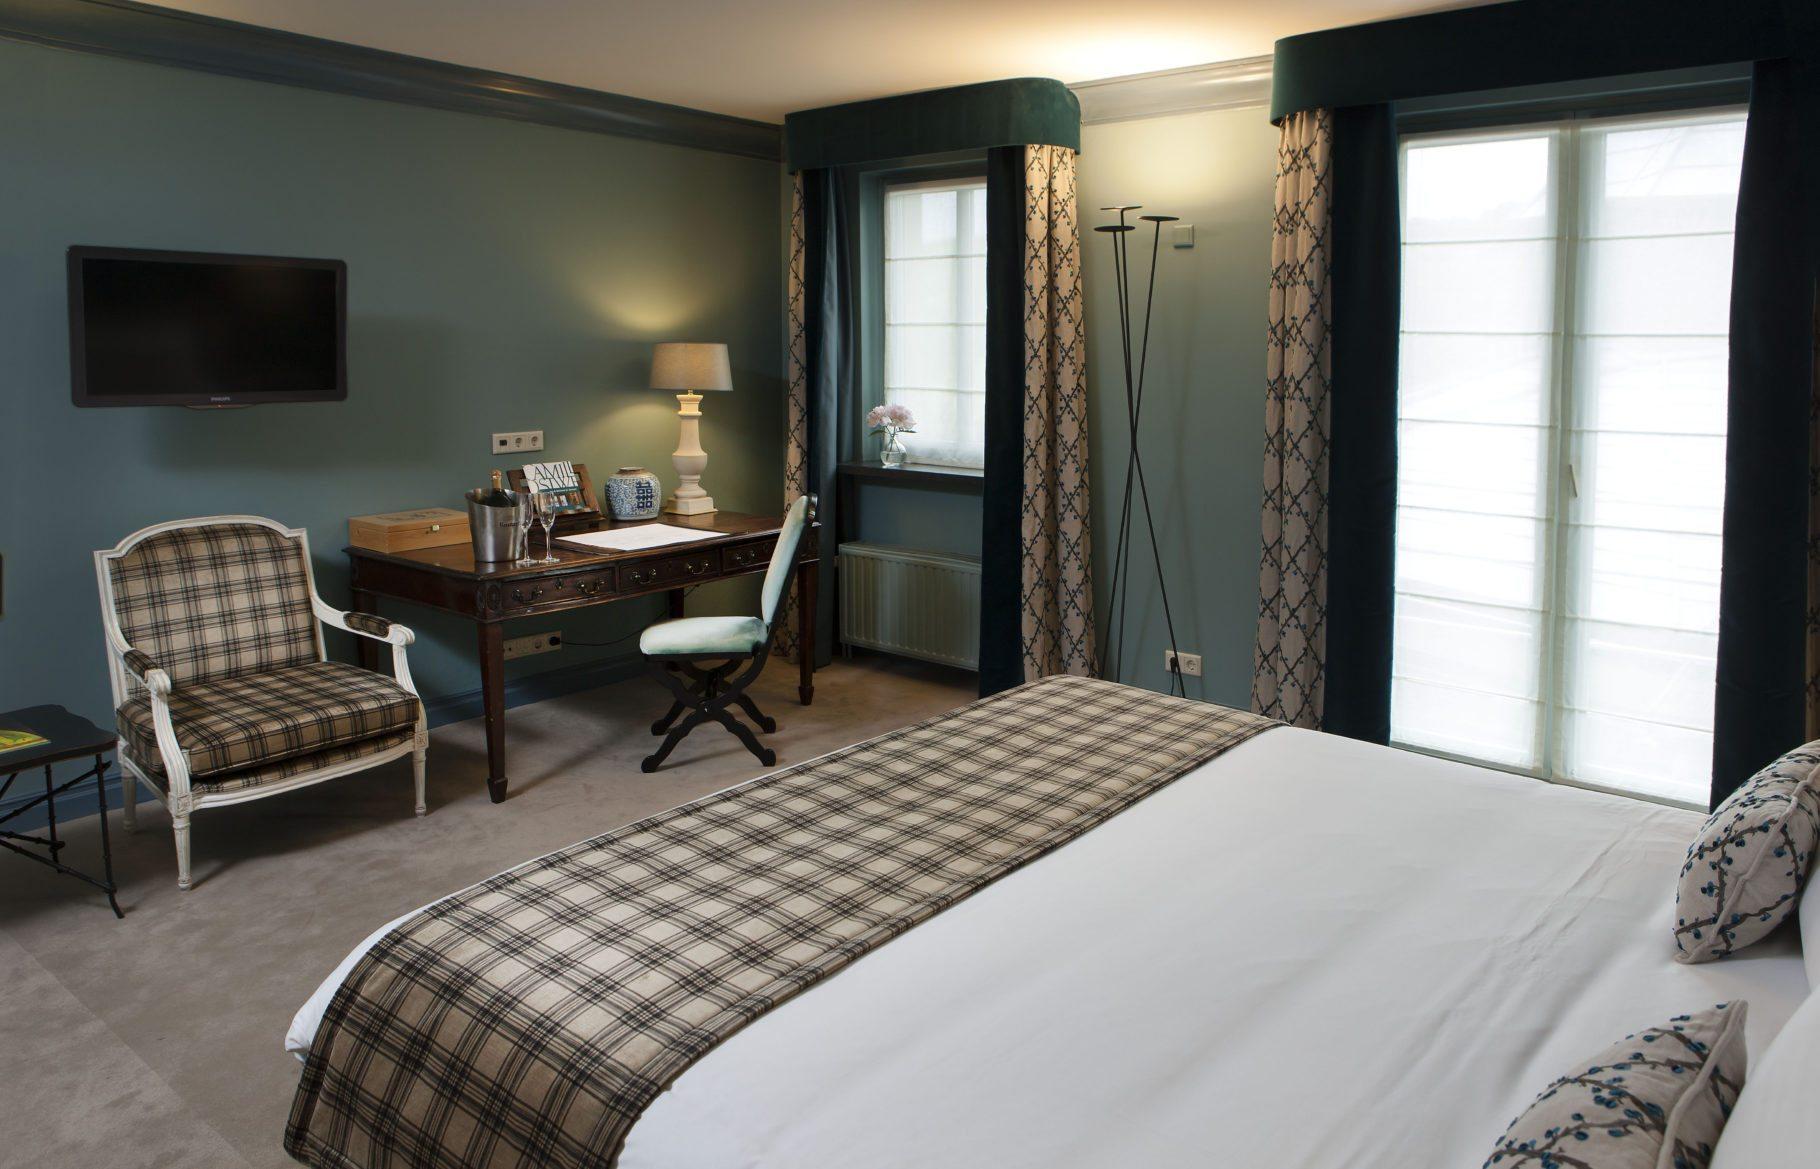 Junior suite, Chateau st Gerlach, valkenburg